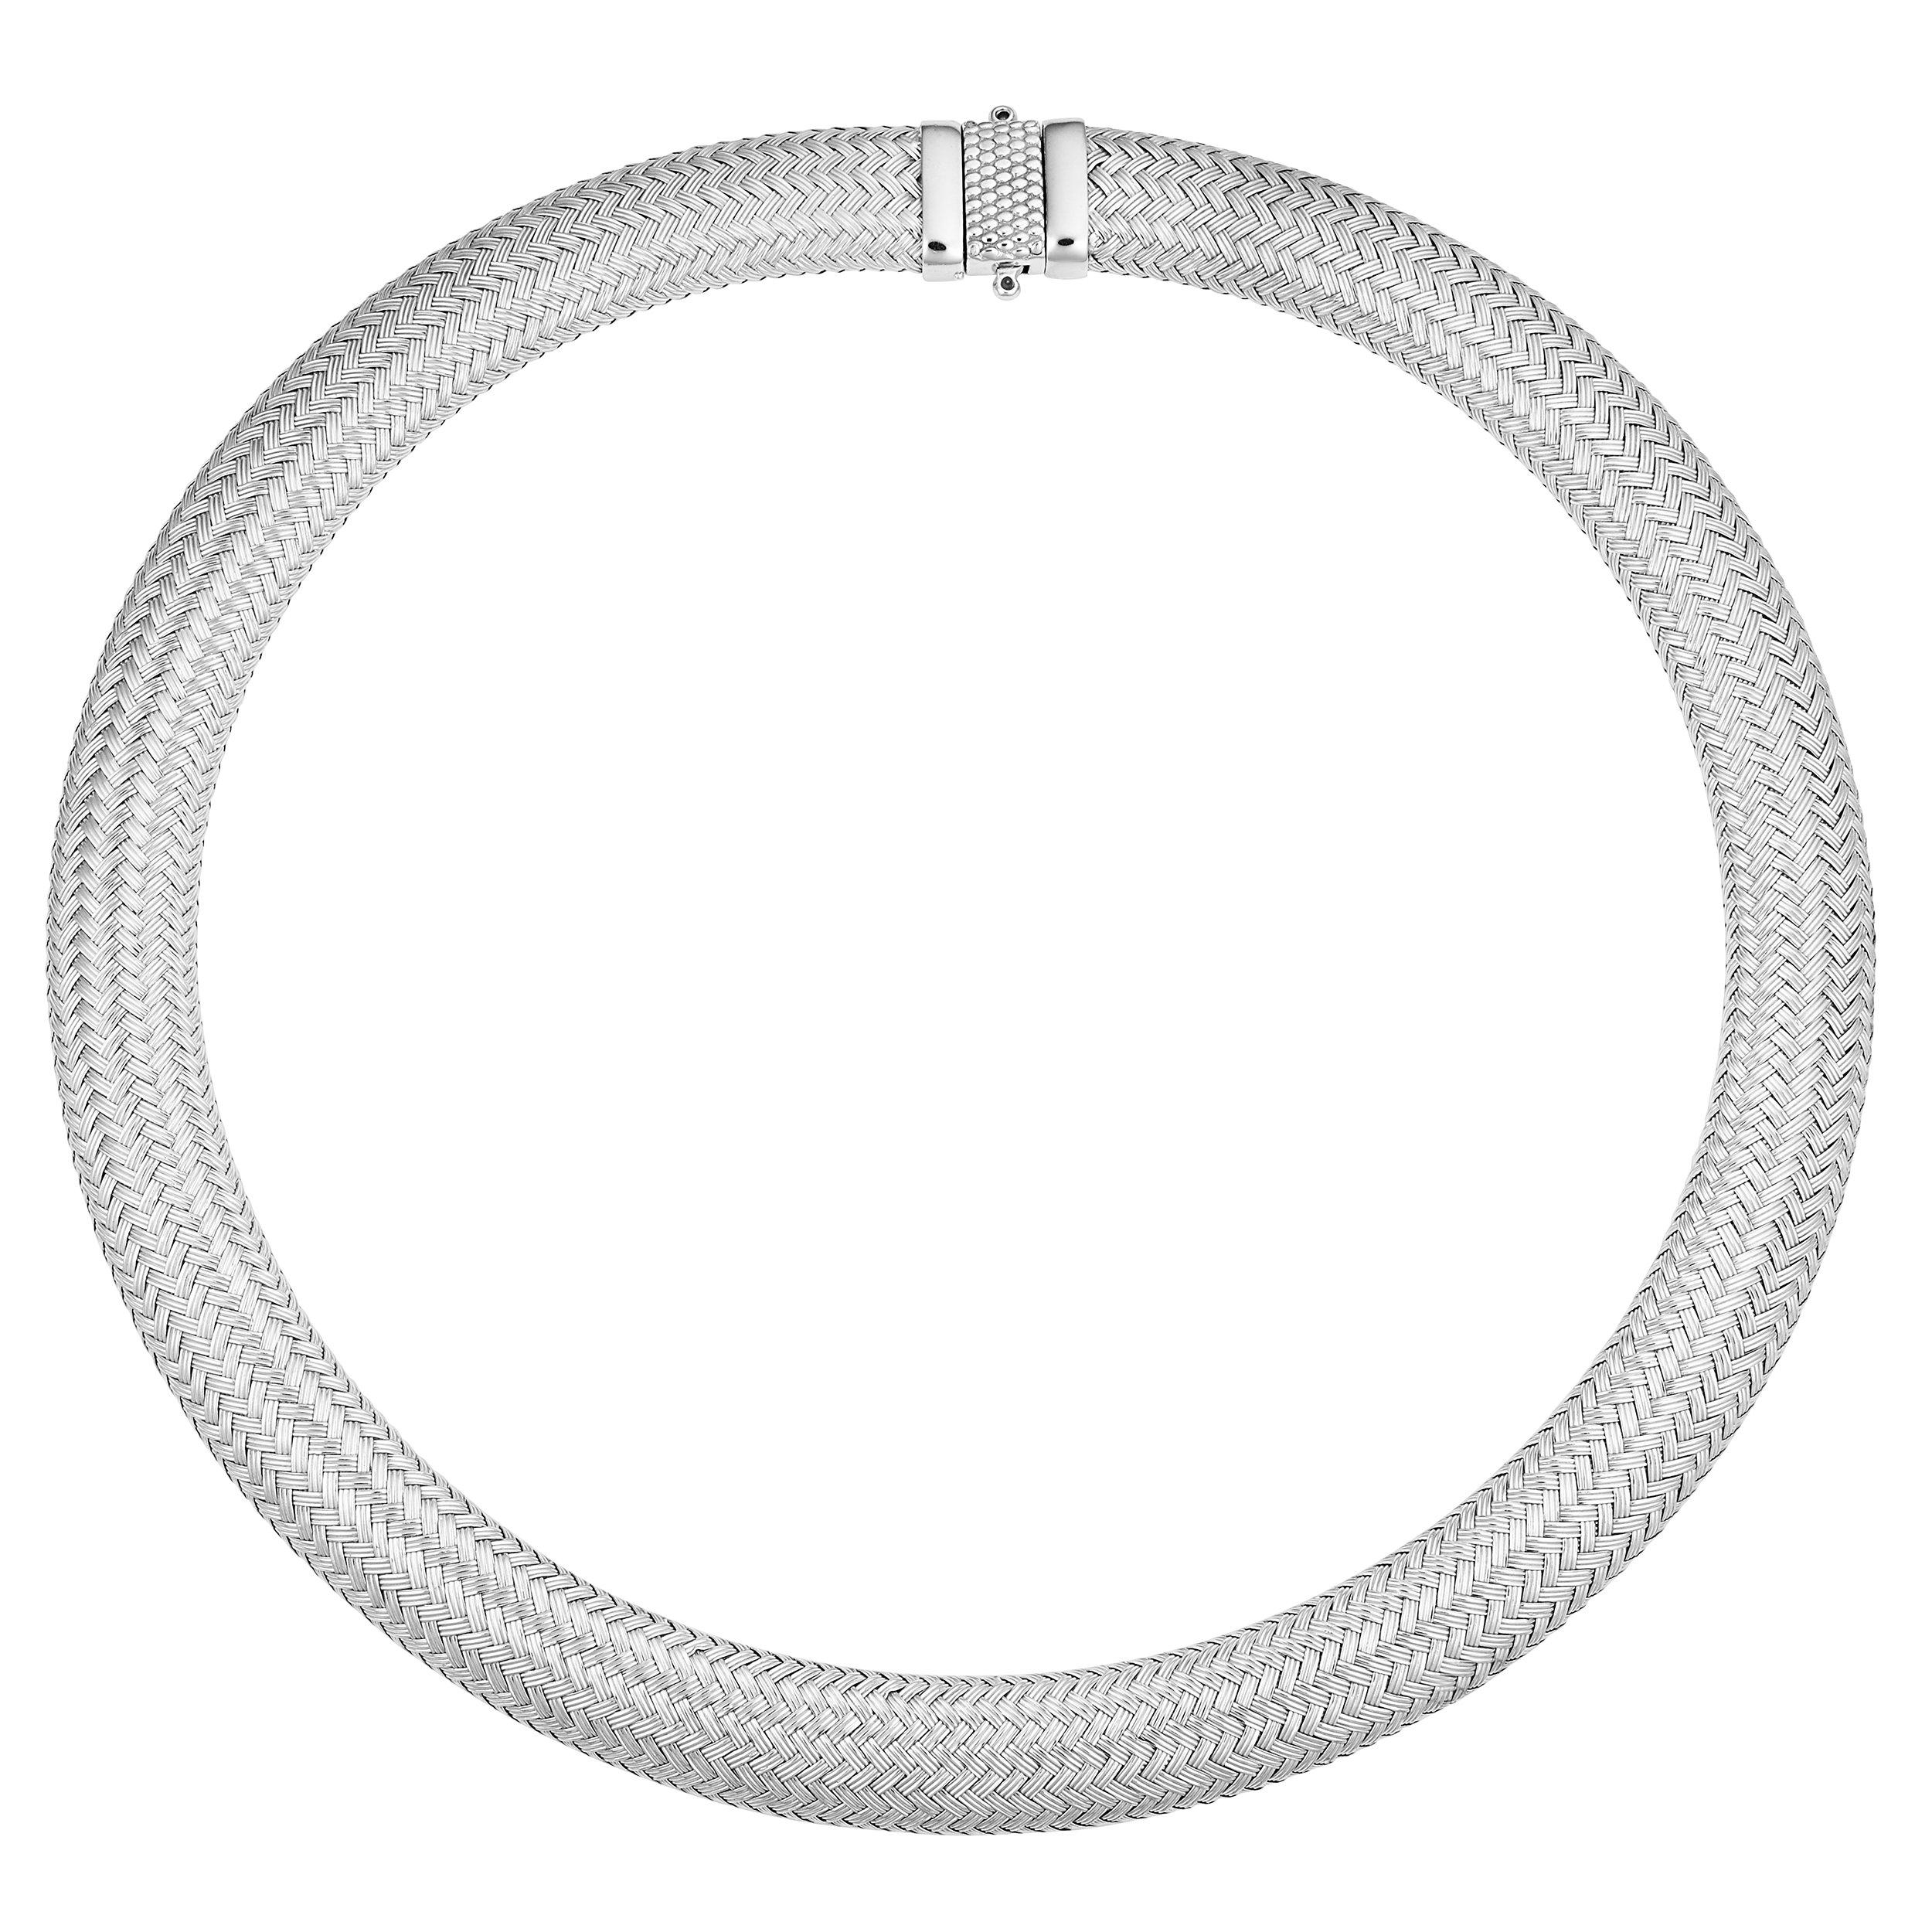 Kooljewelry Sterling Silver Bold Weaved Necklace (14mm, 16.5 inch)